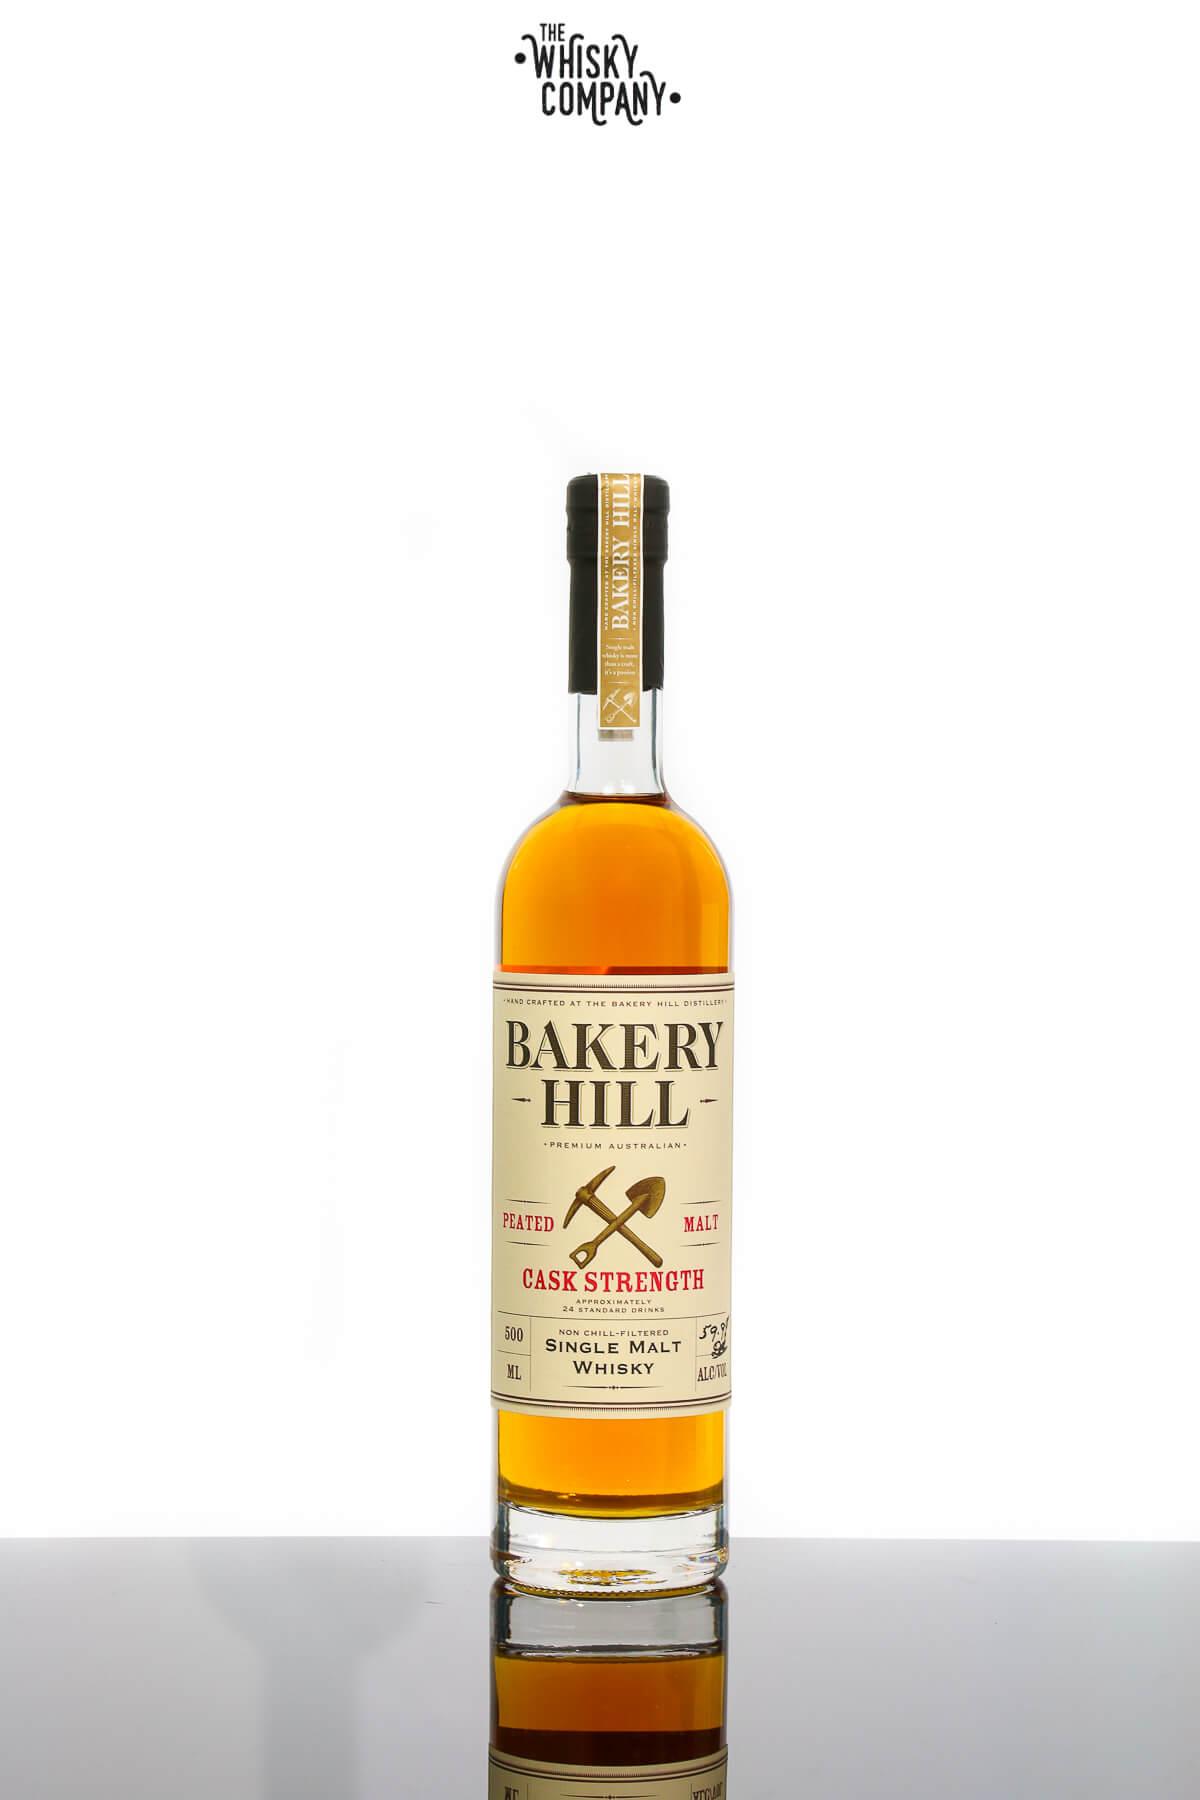 Bakery Hill Peated Malt Cask Strength Australian Single Malt Whisky (500ml)